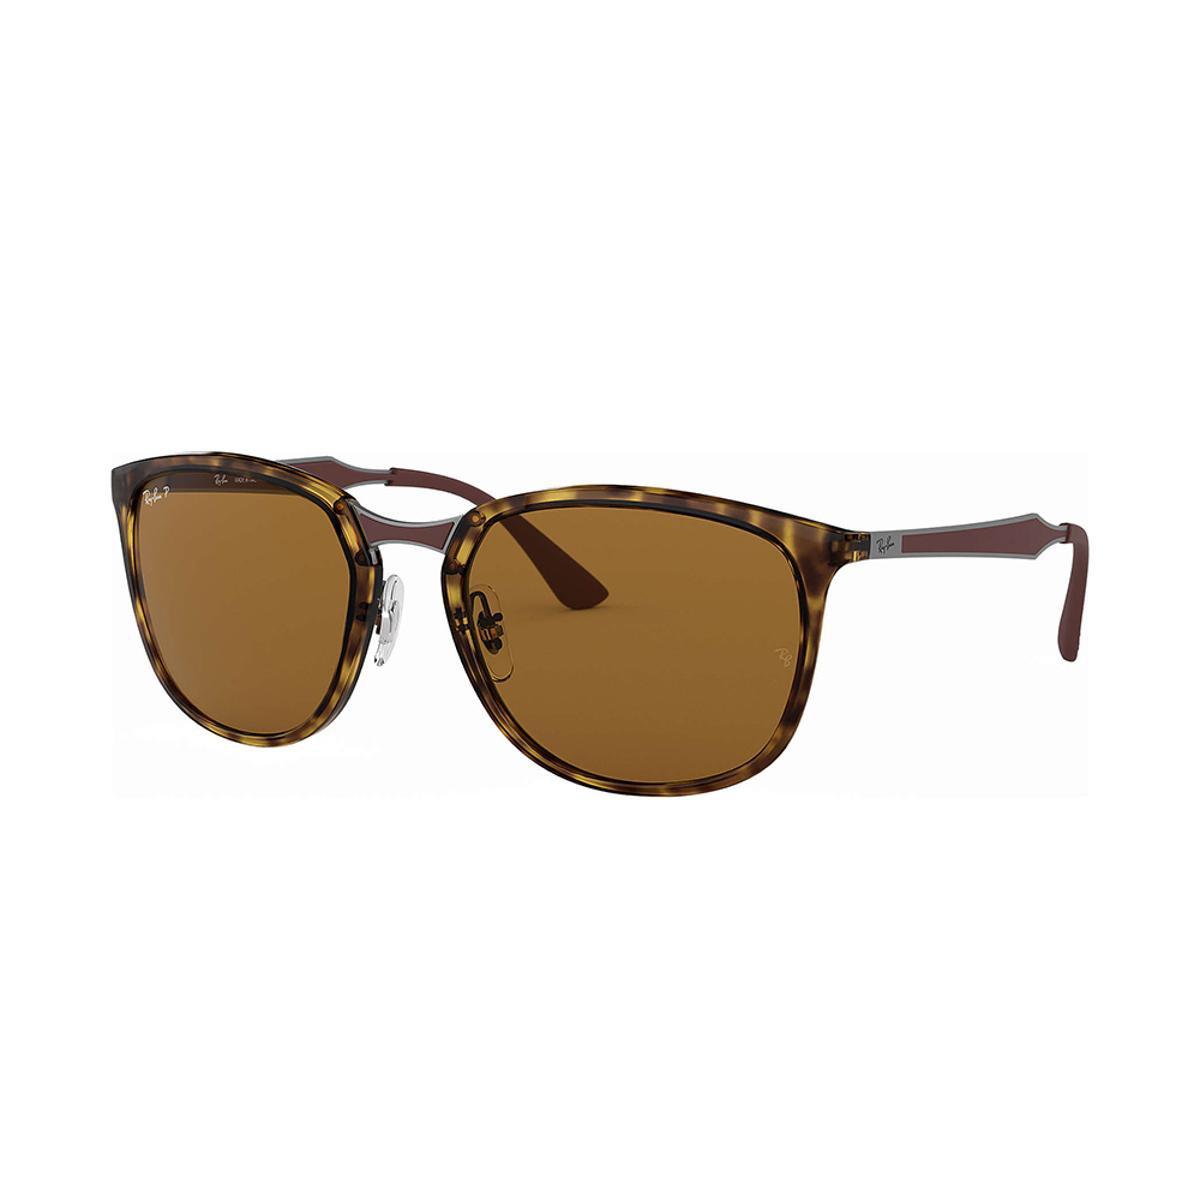 40af2a0021d8a Óculos de Sol Ray-Ban RB4299 Feminino - Marrom - Compre Agora